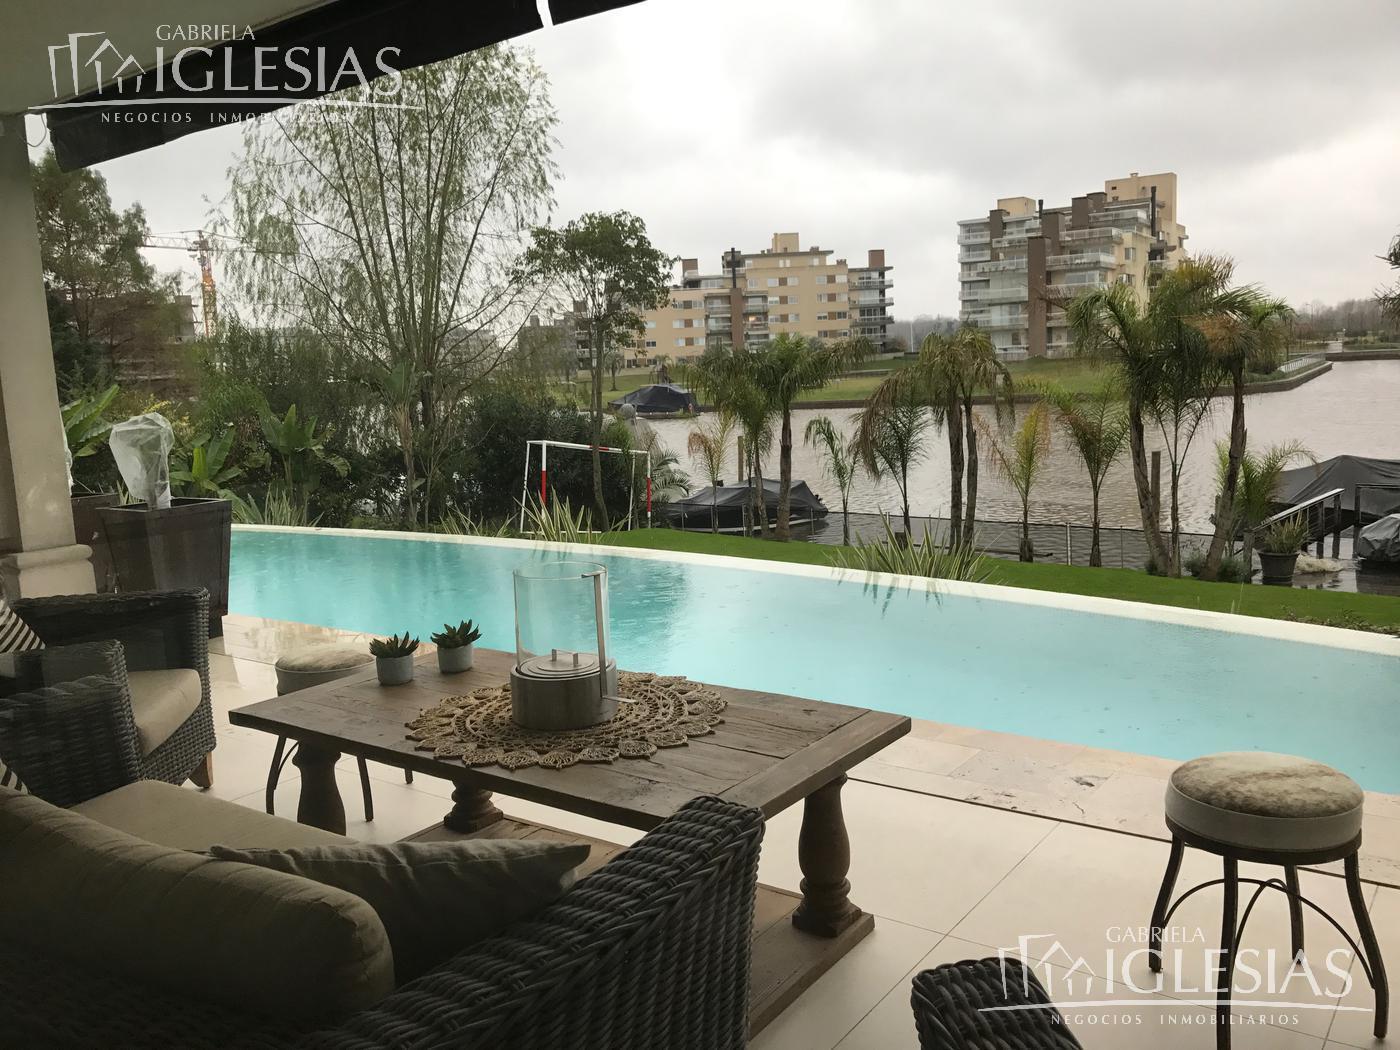 Casa en Venta Alquiler en Las Caletas a Venta - u$s 2.800.000 Alquiler - u$s 11.000